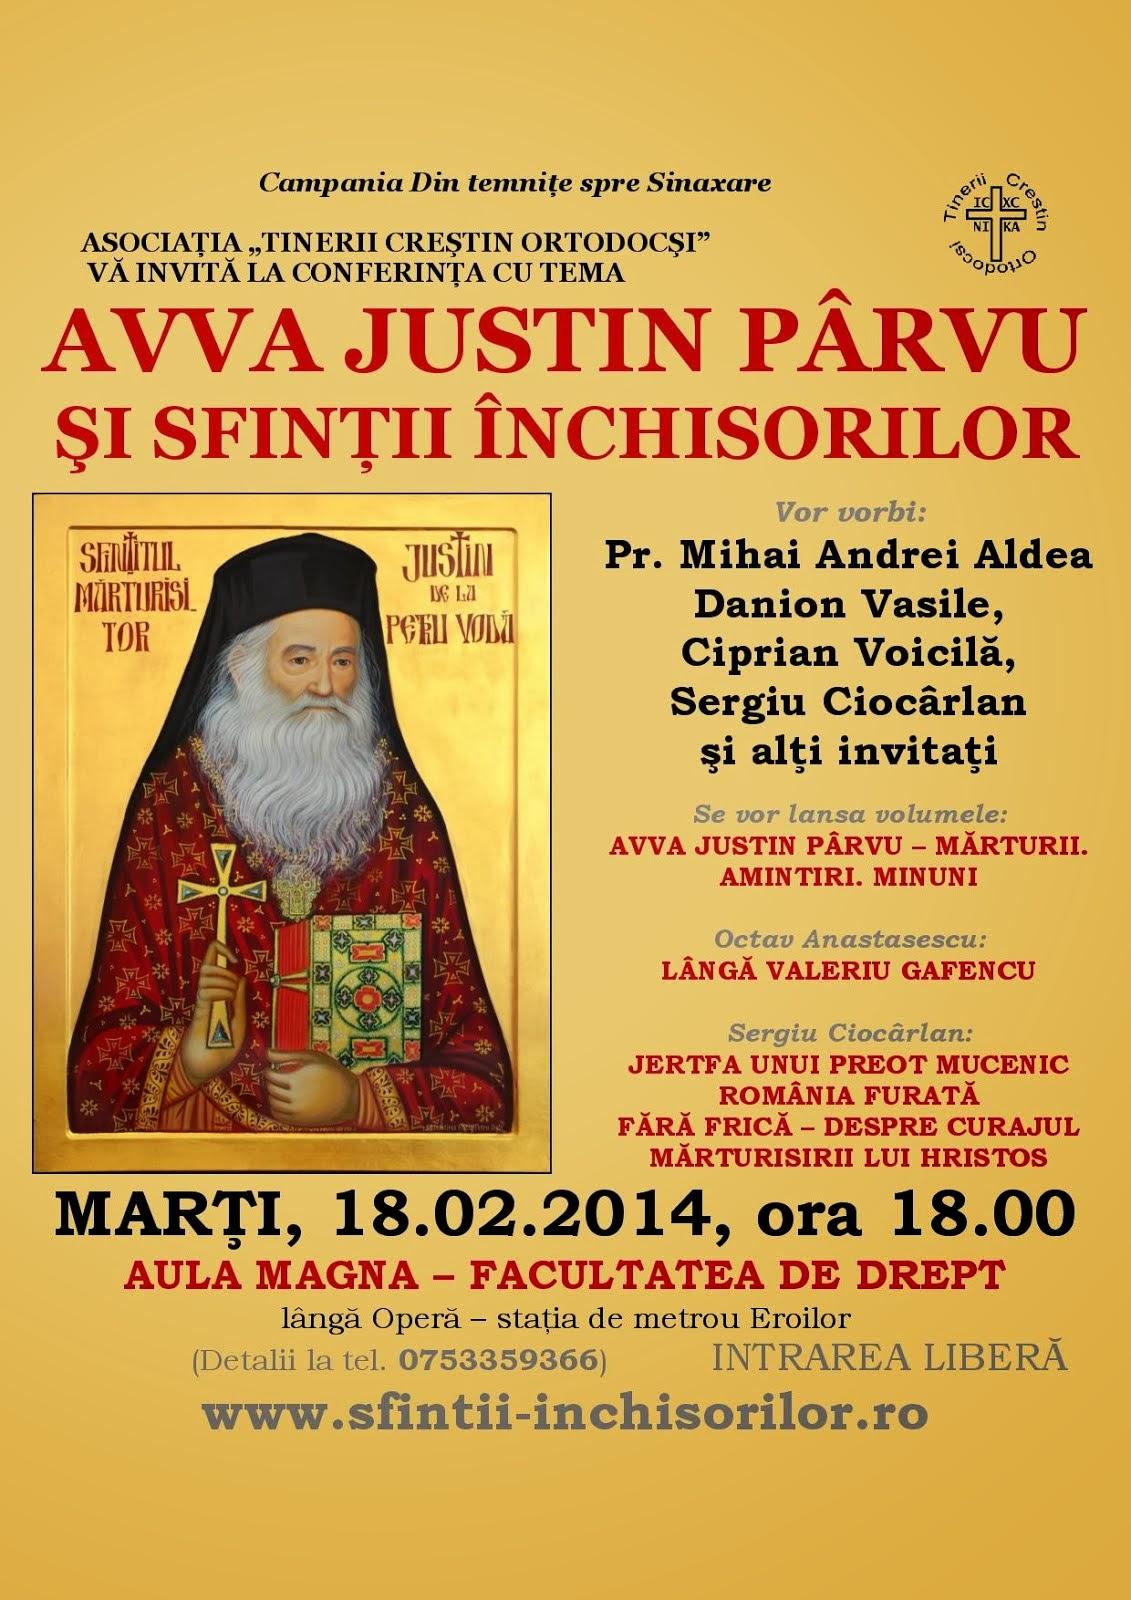 """Marti, 18.02. 2014 ora 18.00 va avea loc conferinta """"Avva Justin și Sfinții Închisorilor"""""""